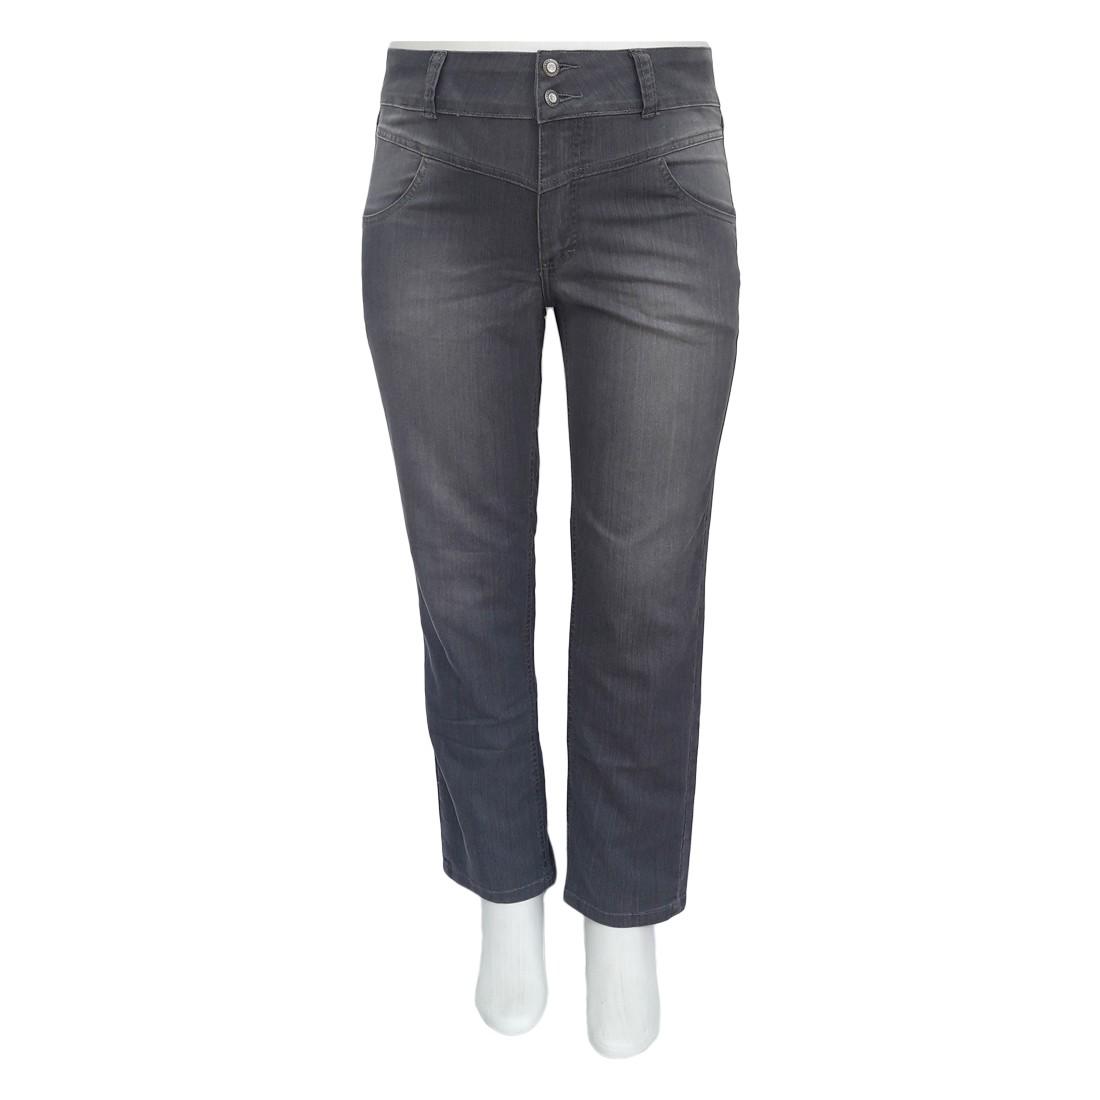 Calça Jeans Feminina Plus Size Cintura Alta Ref 01